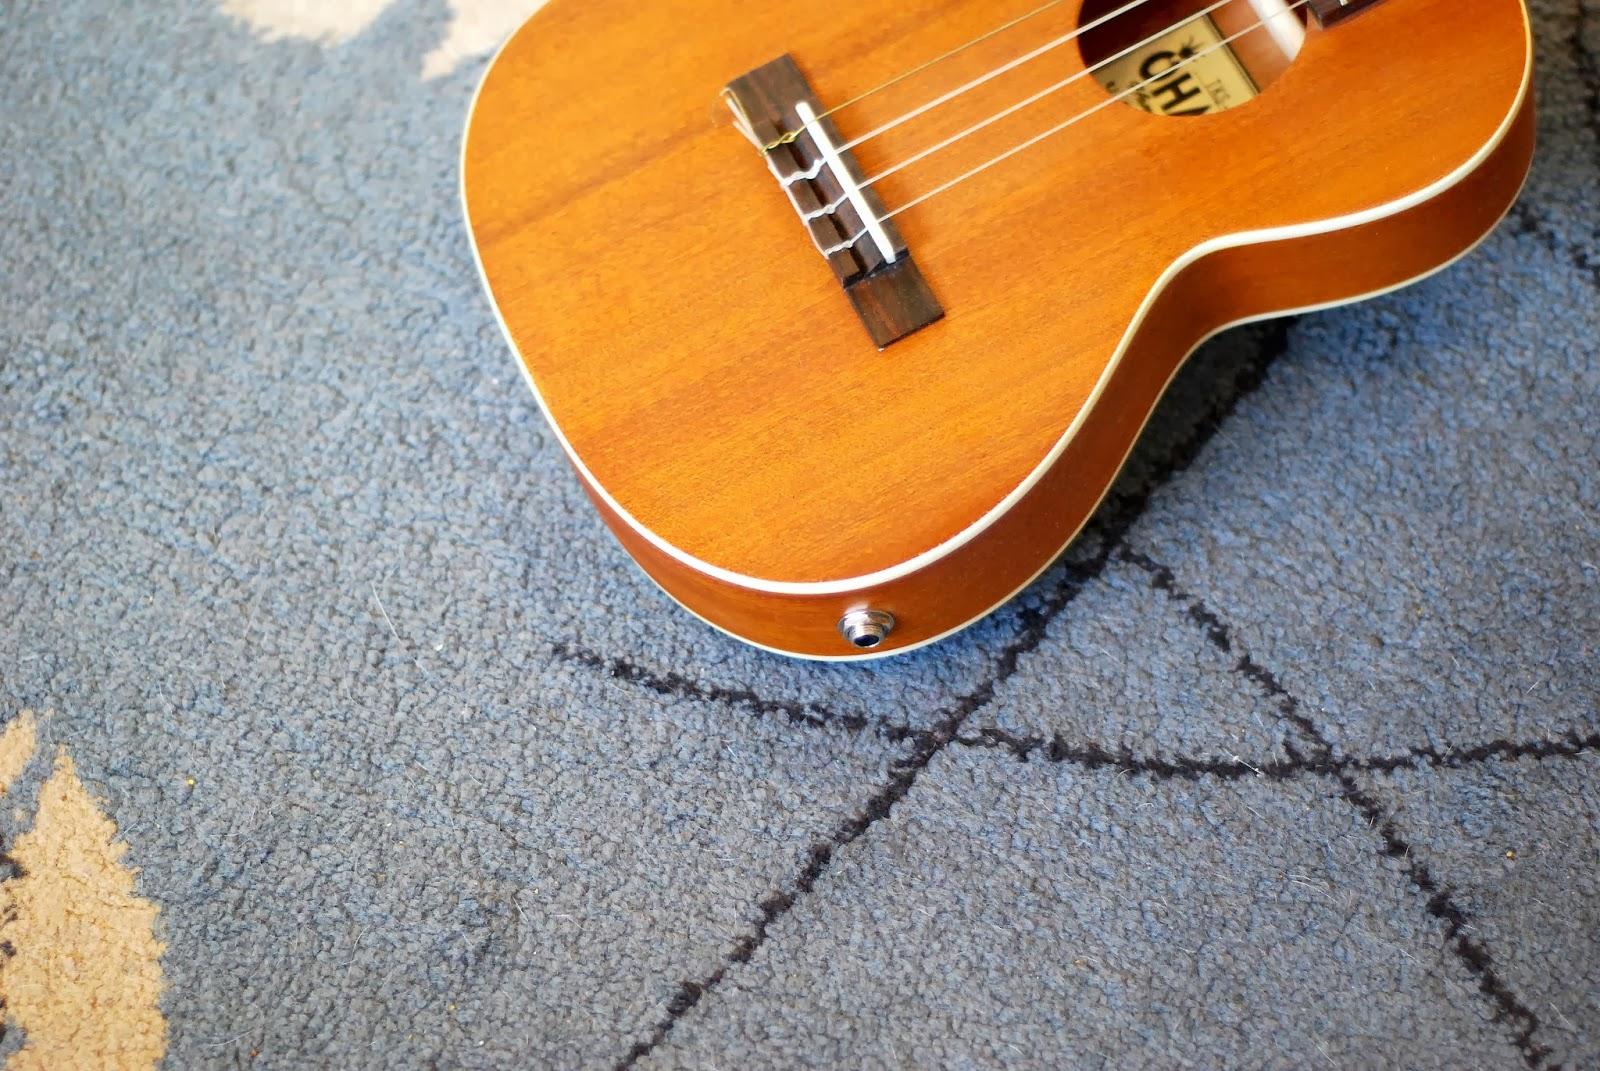 Ohana TKS-15E ukulele jack socket